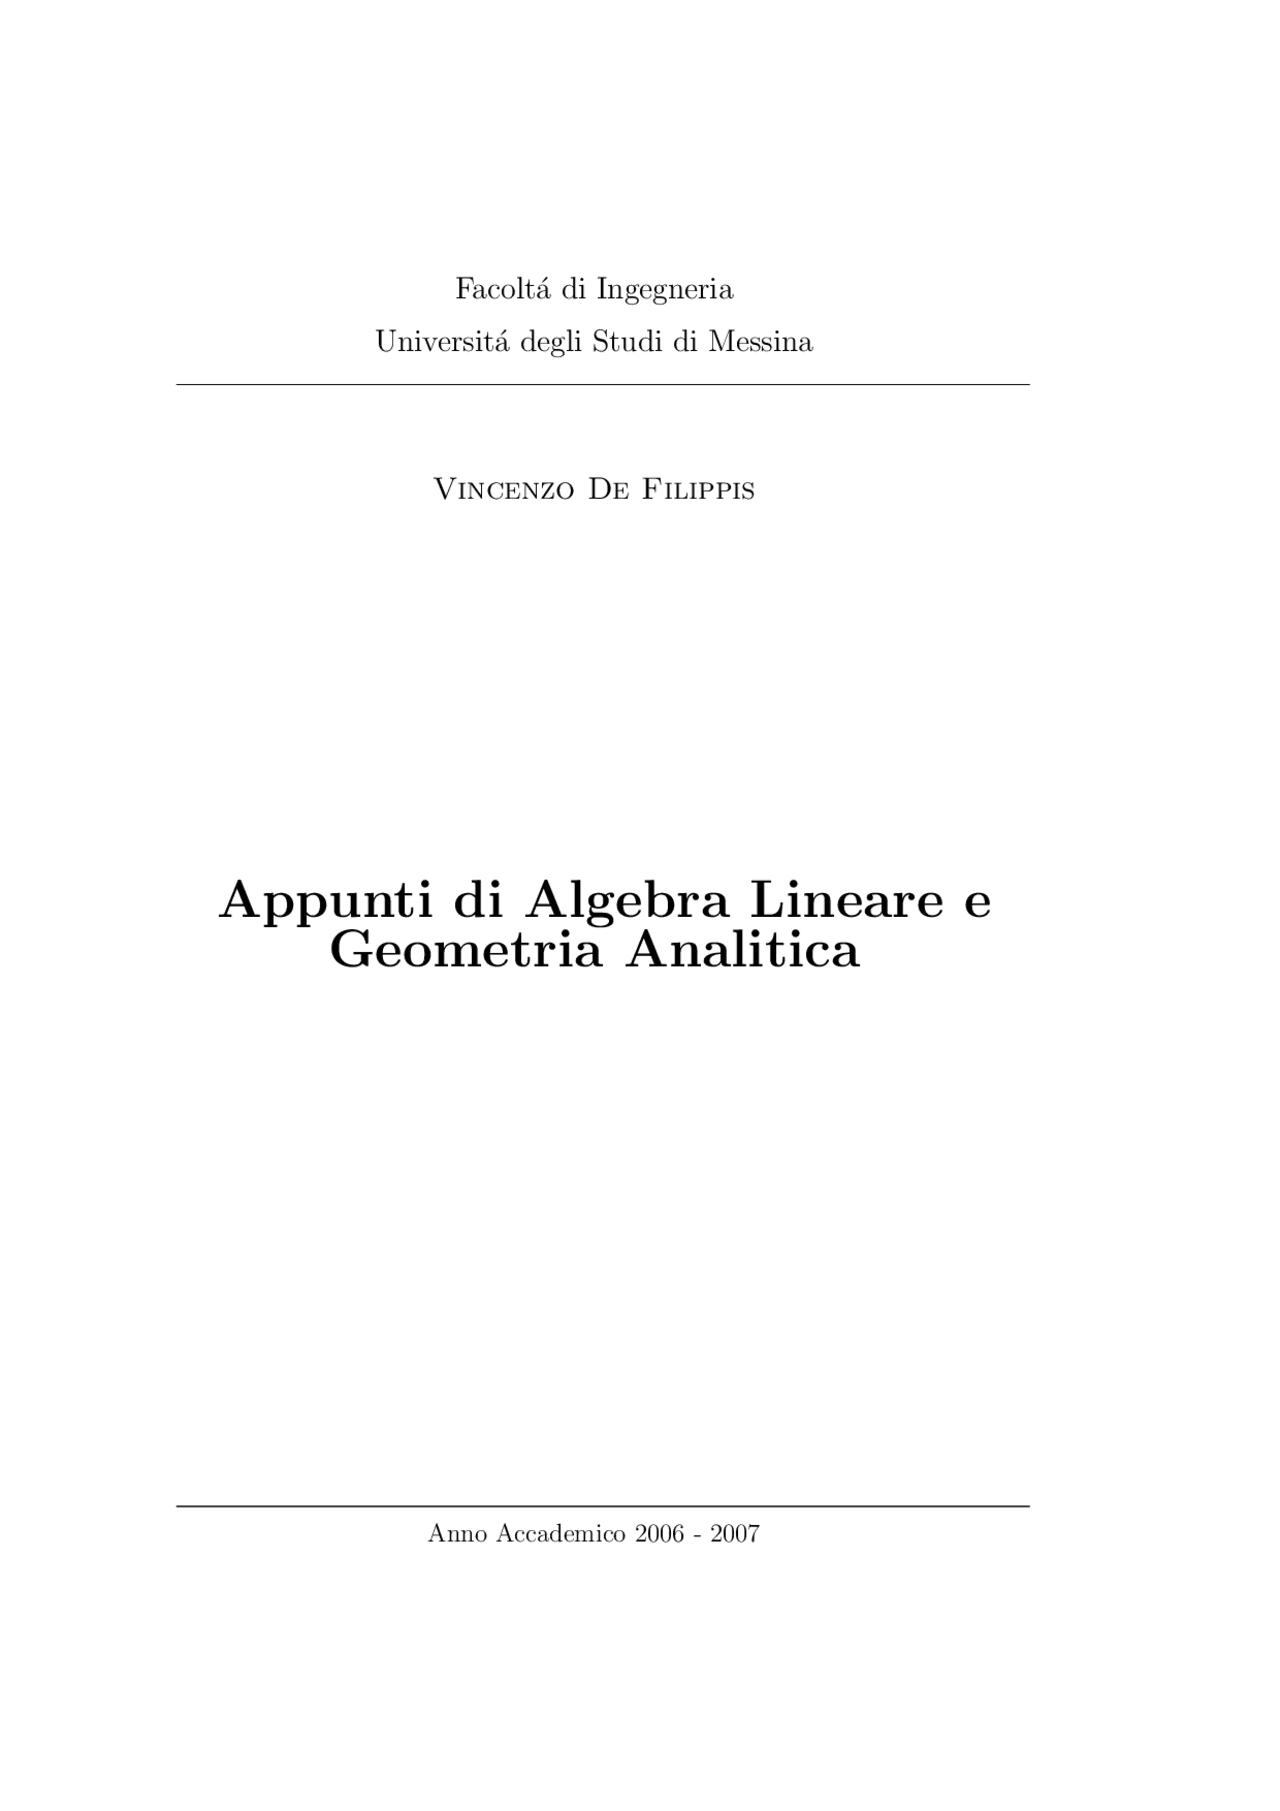 Appunti Di Algebra Lineare E Geometria Analitica Appunti Di Matematica Universita Messina Docsity